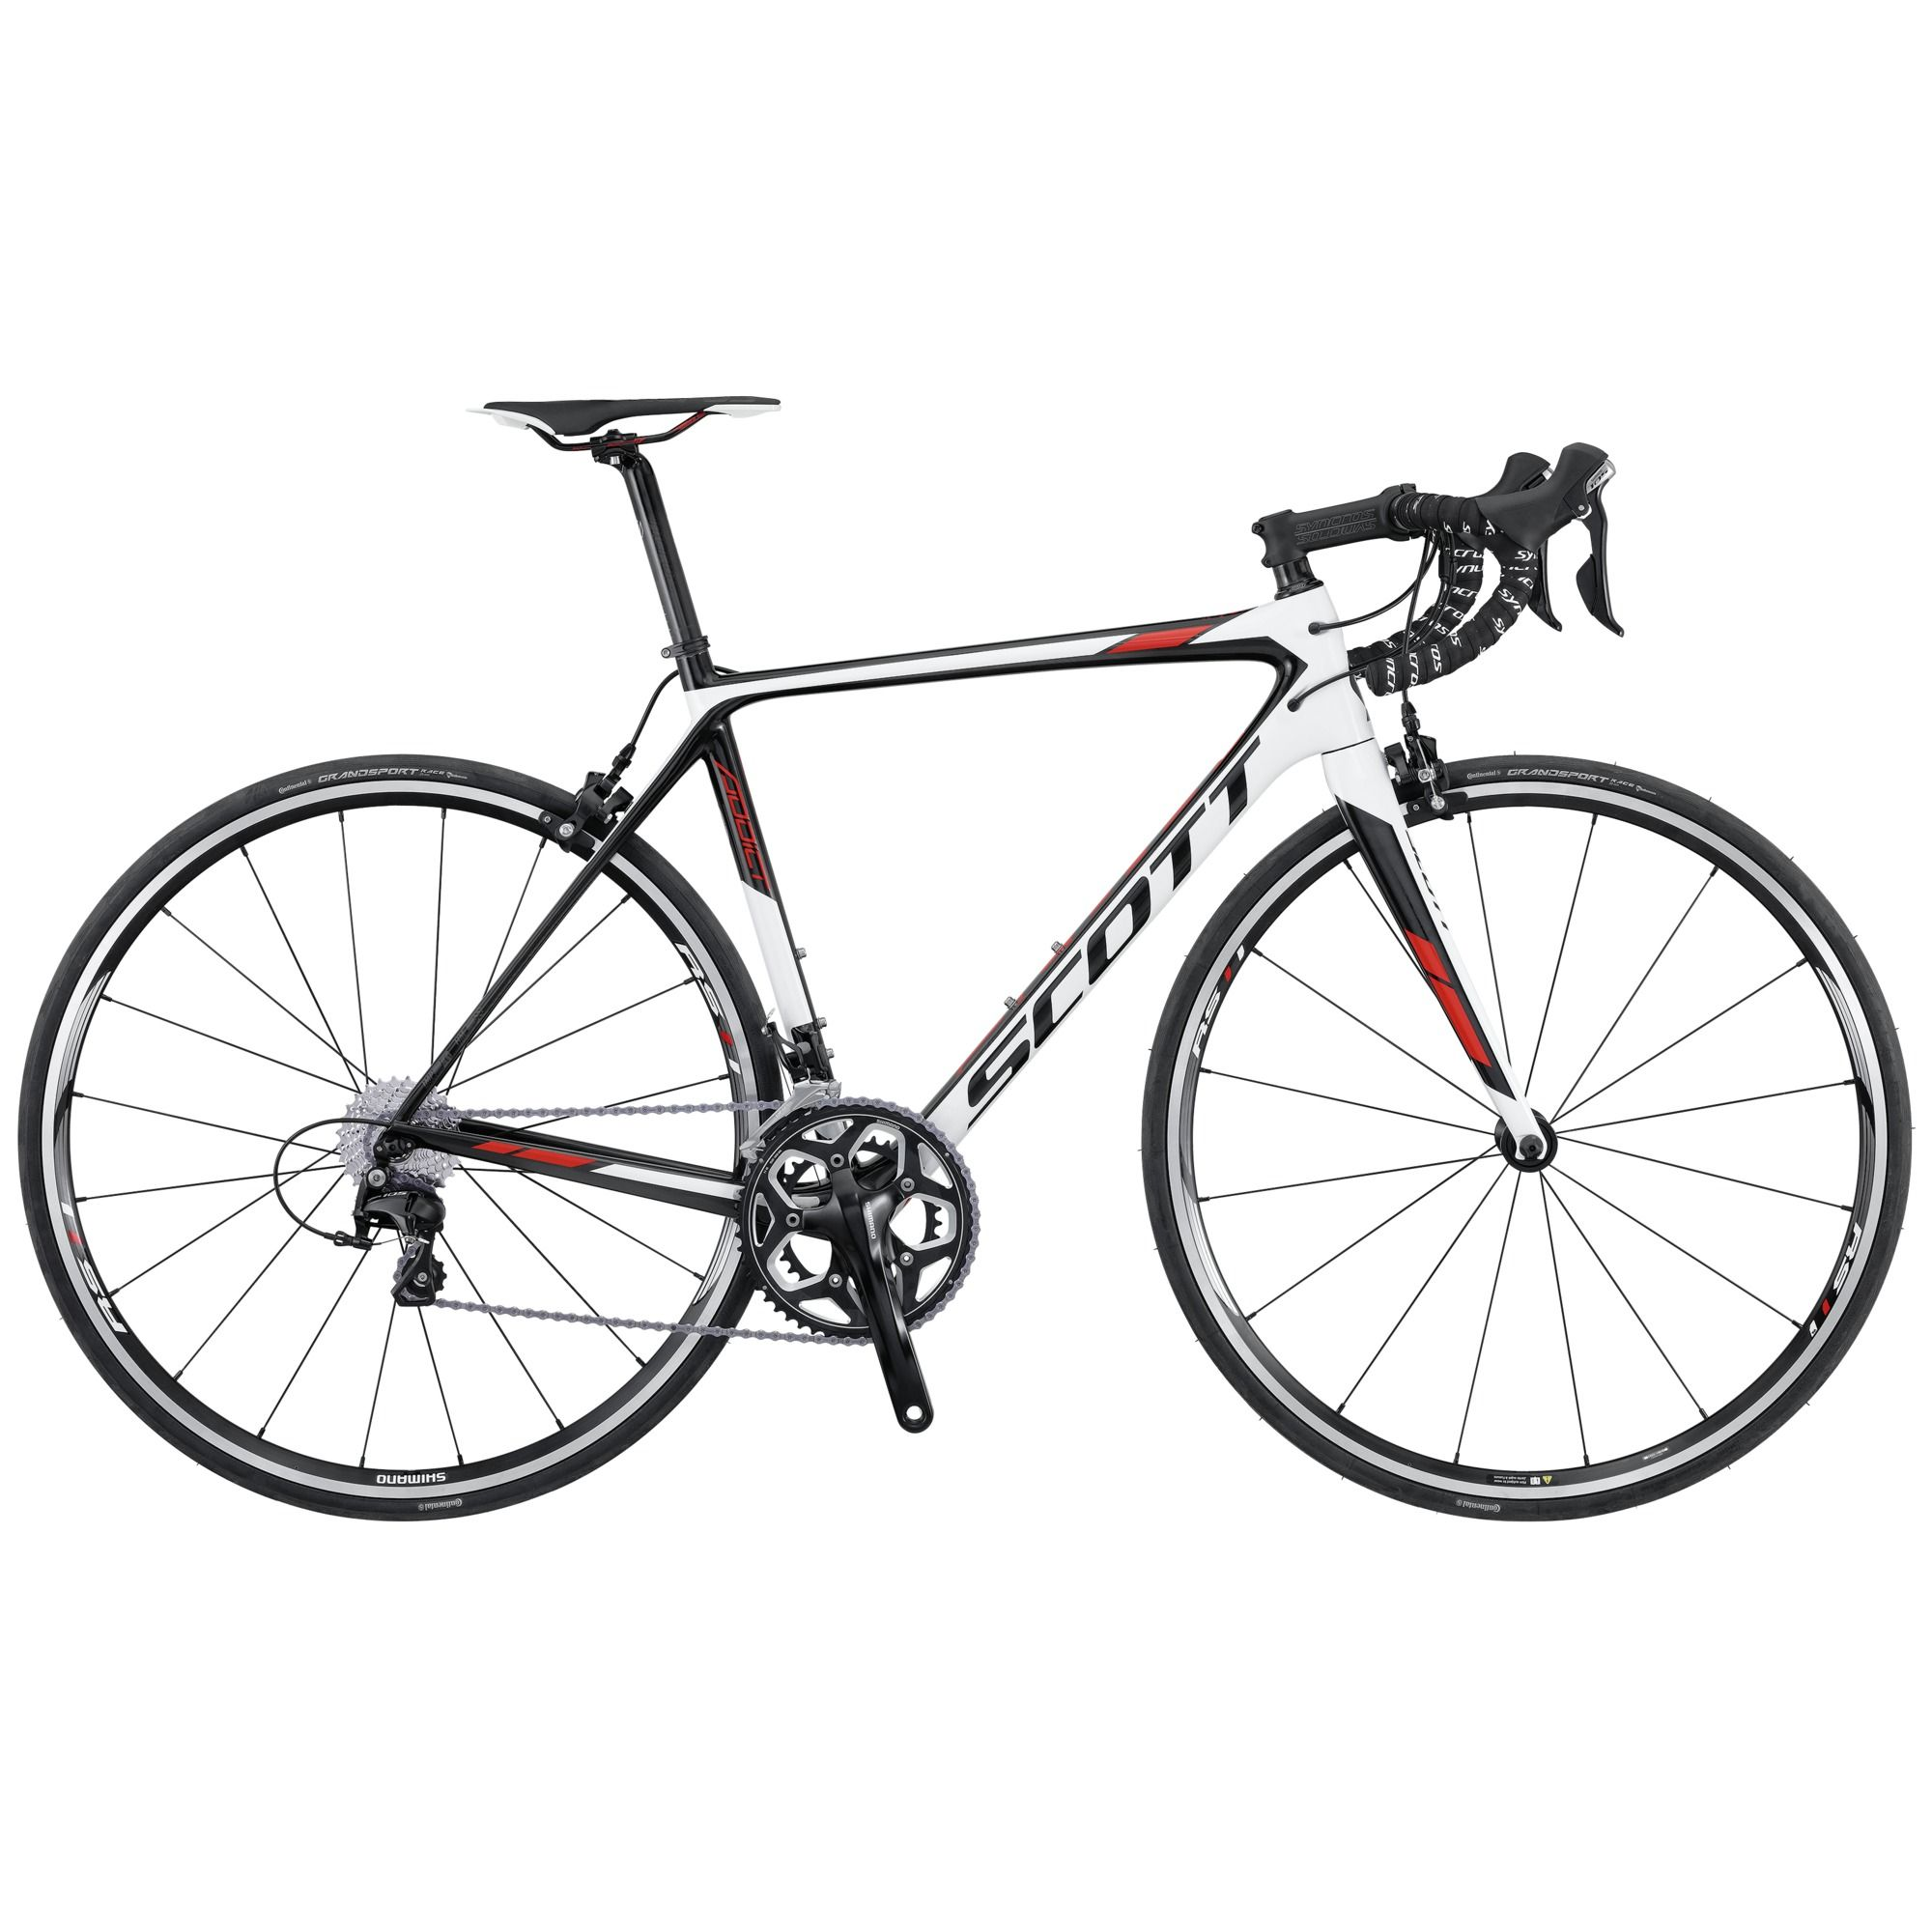 SCOTT Sports SCOTT Addict 30 Bike Bicicletas legais